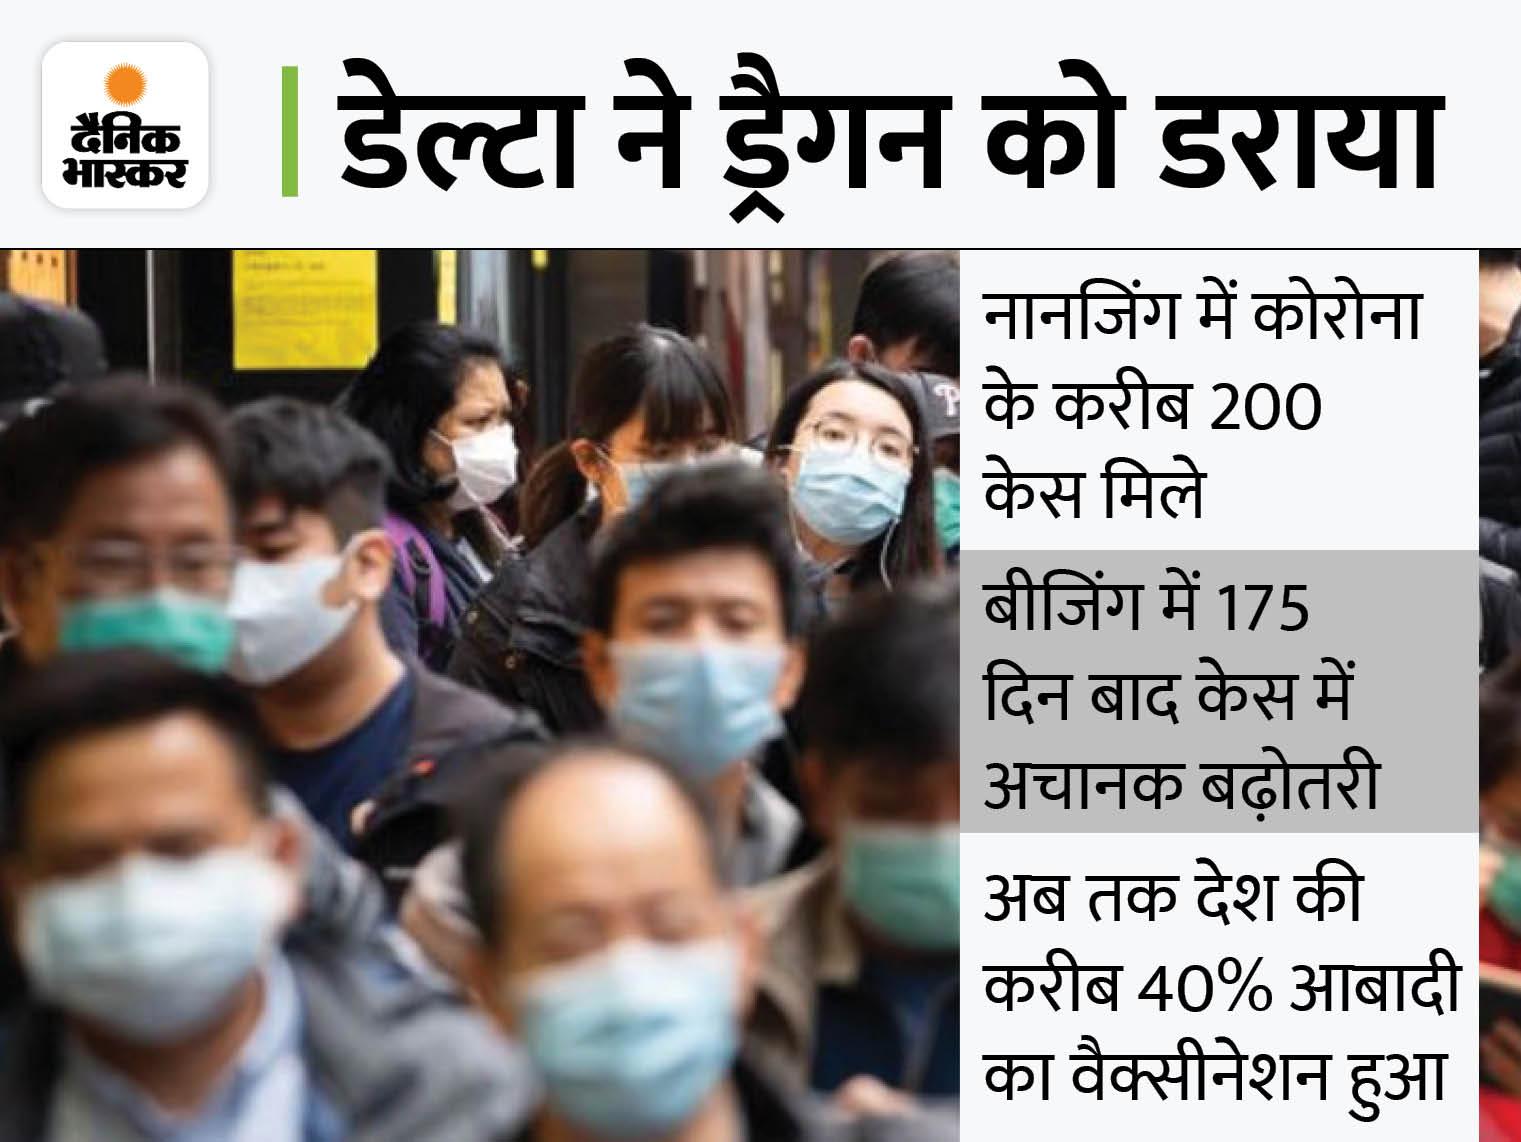 15 शहरों में डेल्टा वैरिएंट के मामले बढ़े, नानजिंग एयरपोर्ट का स्टाफ संक्रमित होने से सभी फ्लाइट सस्पेंड विदेश,International - Dainik Bhaskar